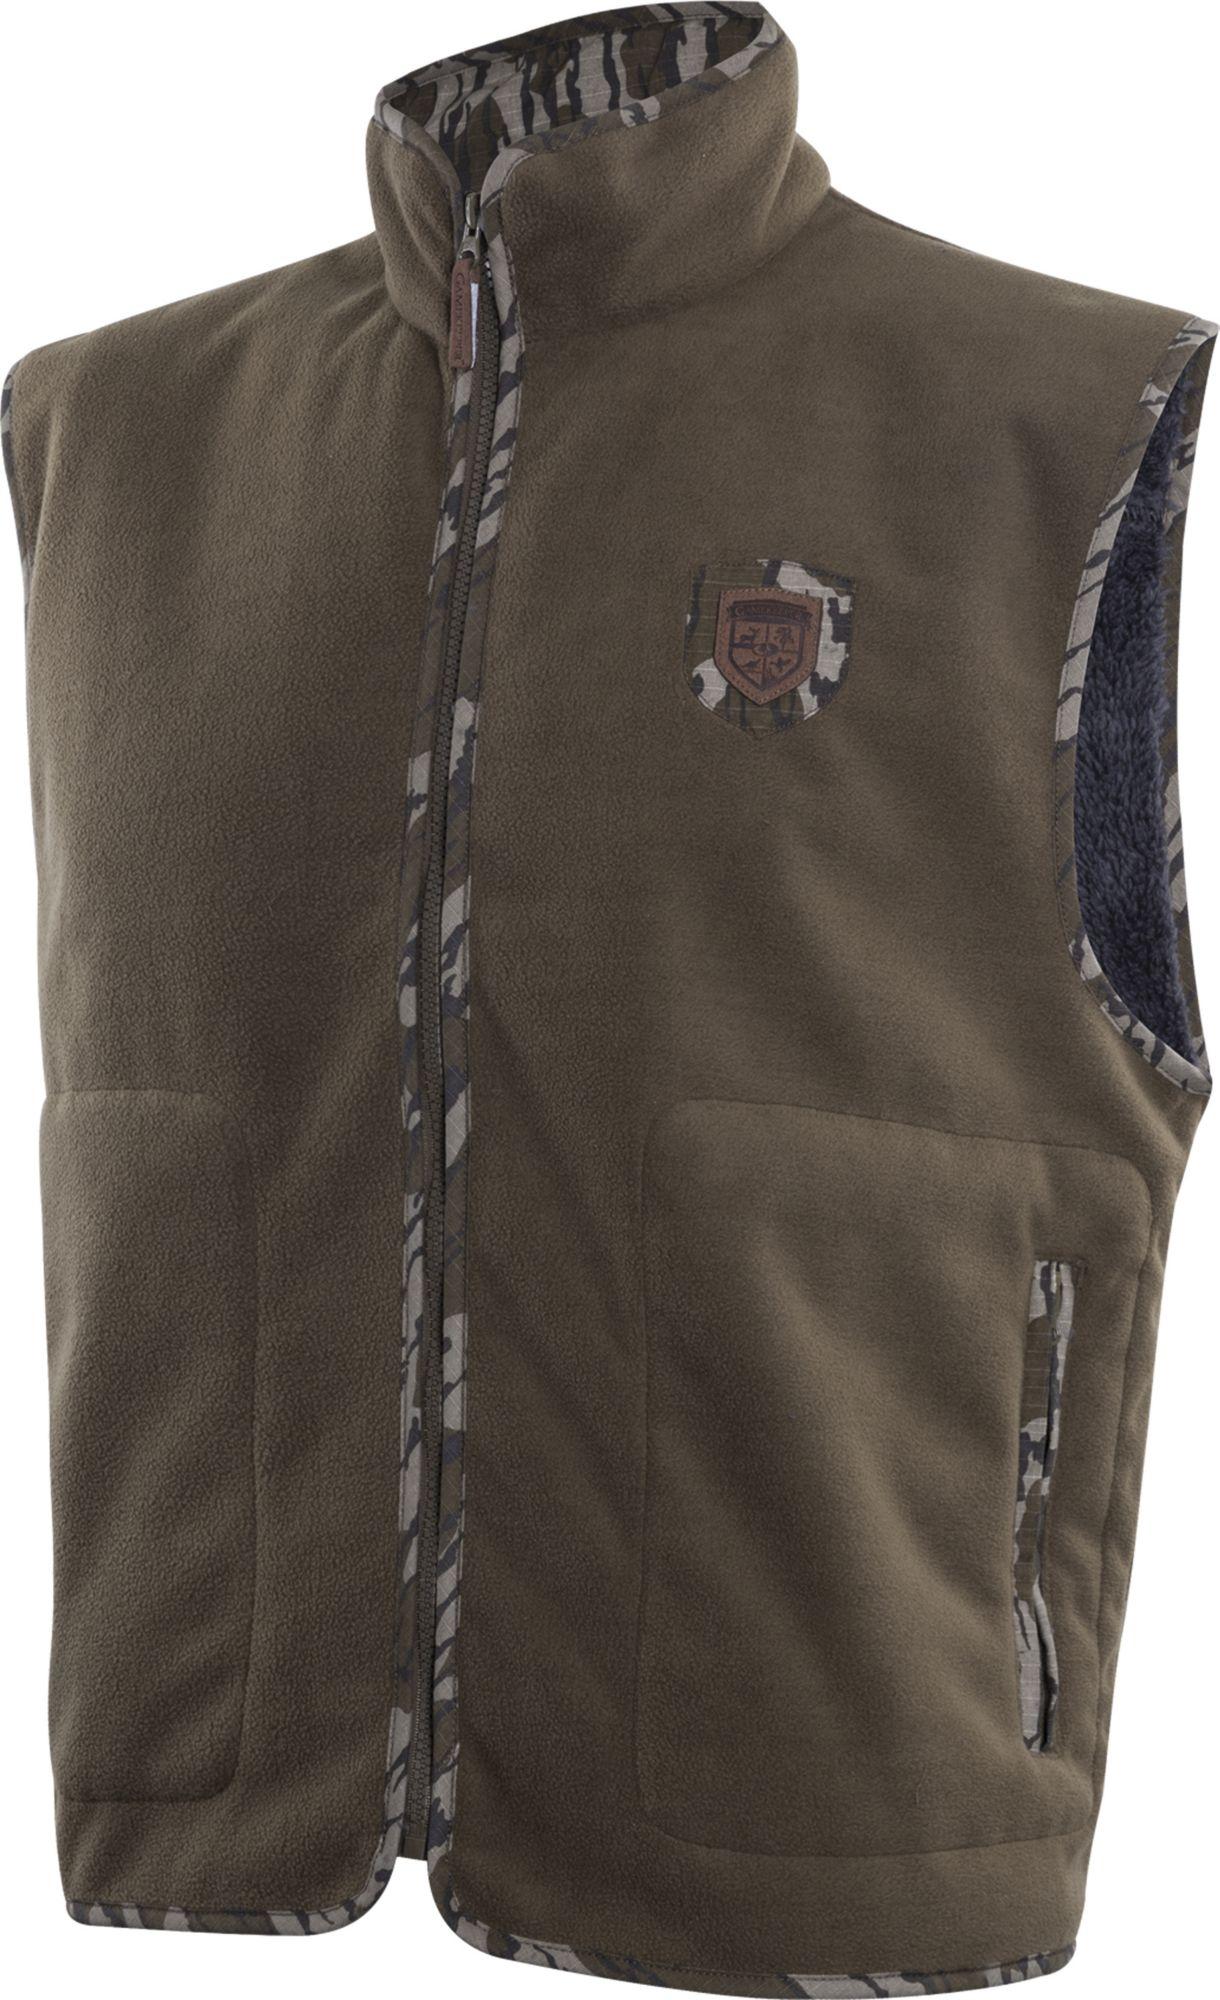 GameKeepers Men's Hitch Vest, Large, Bark